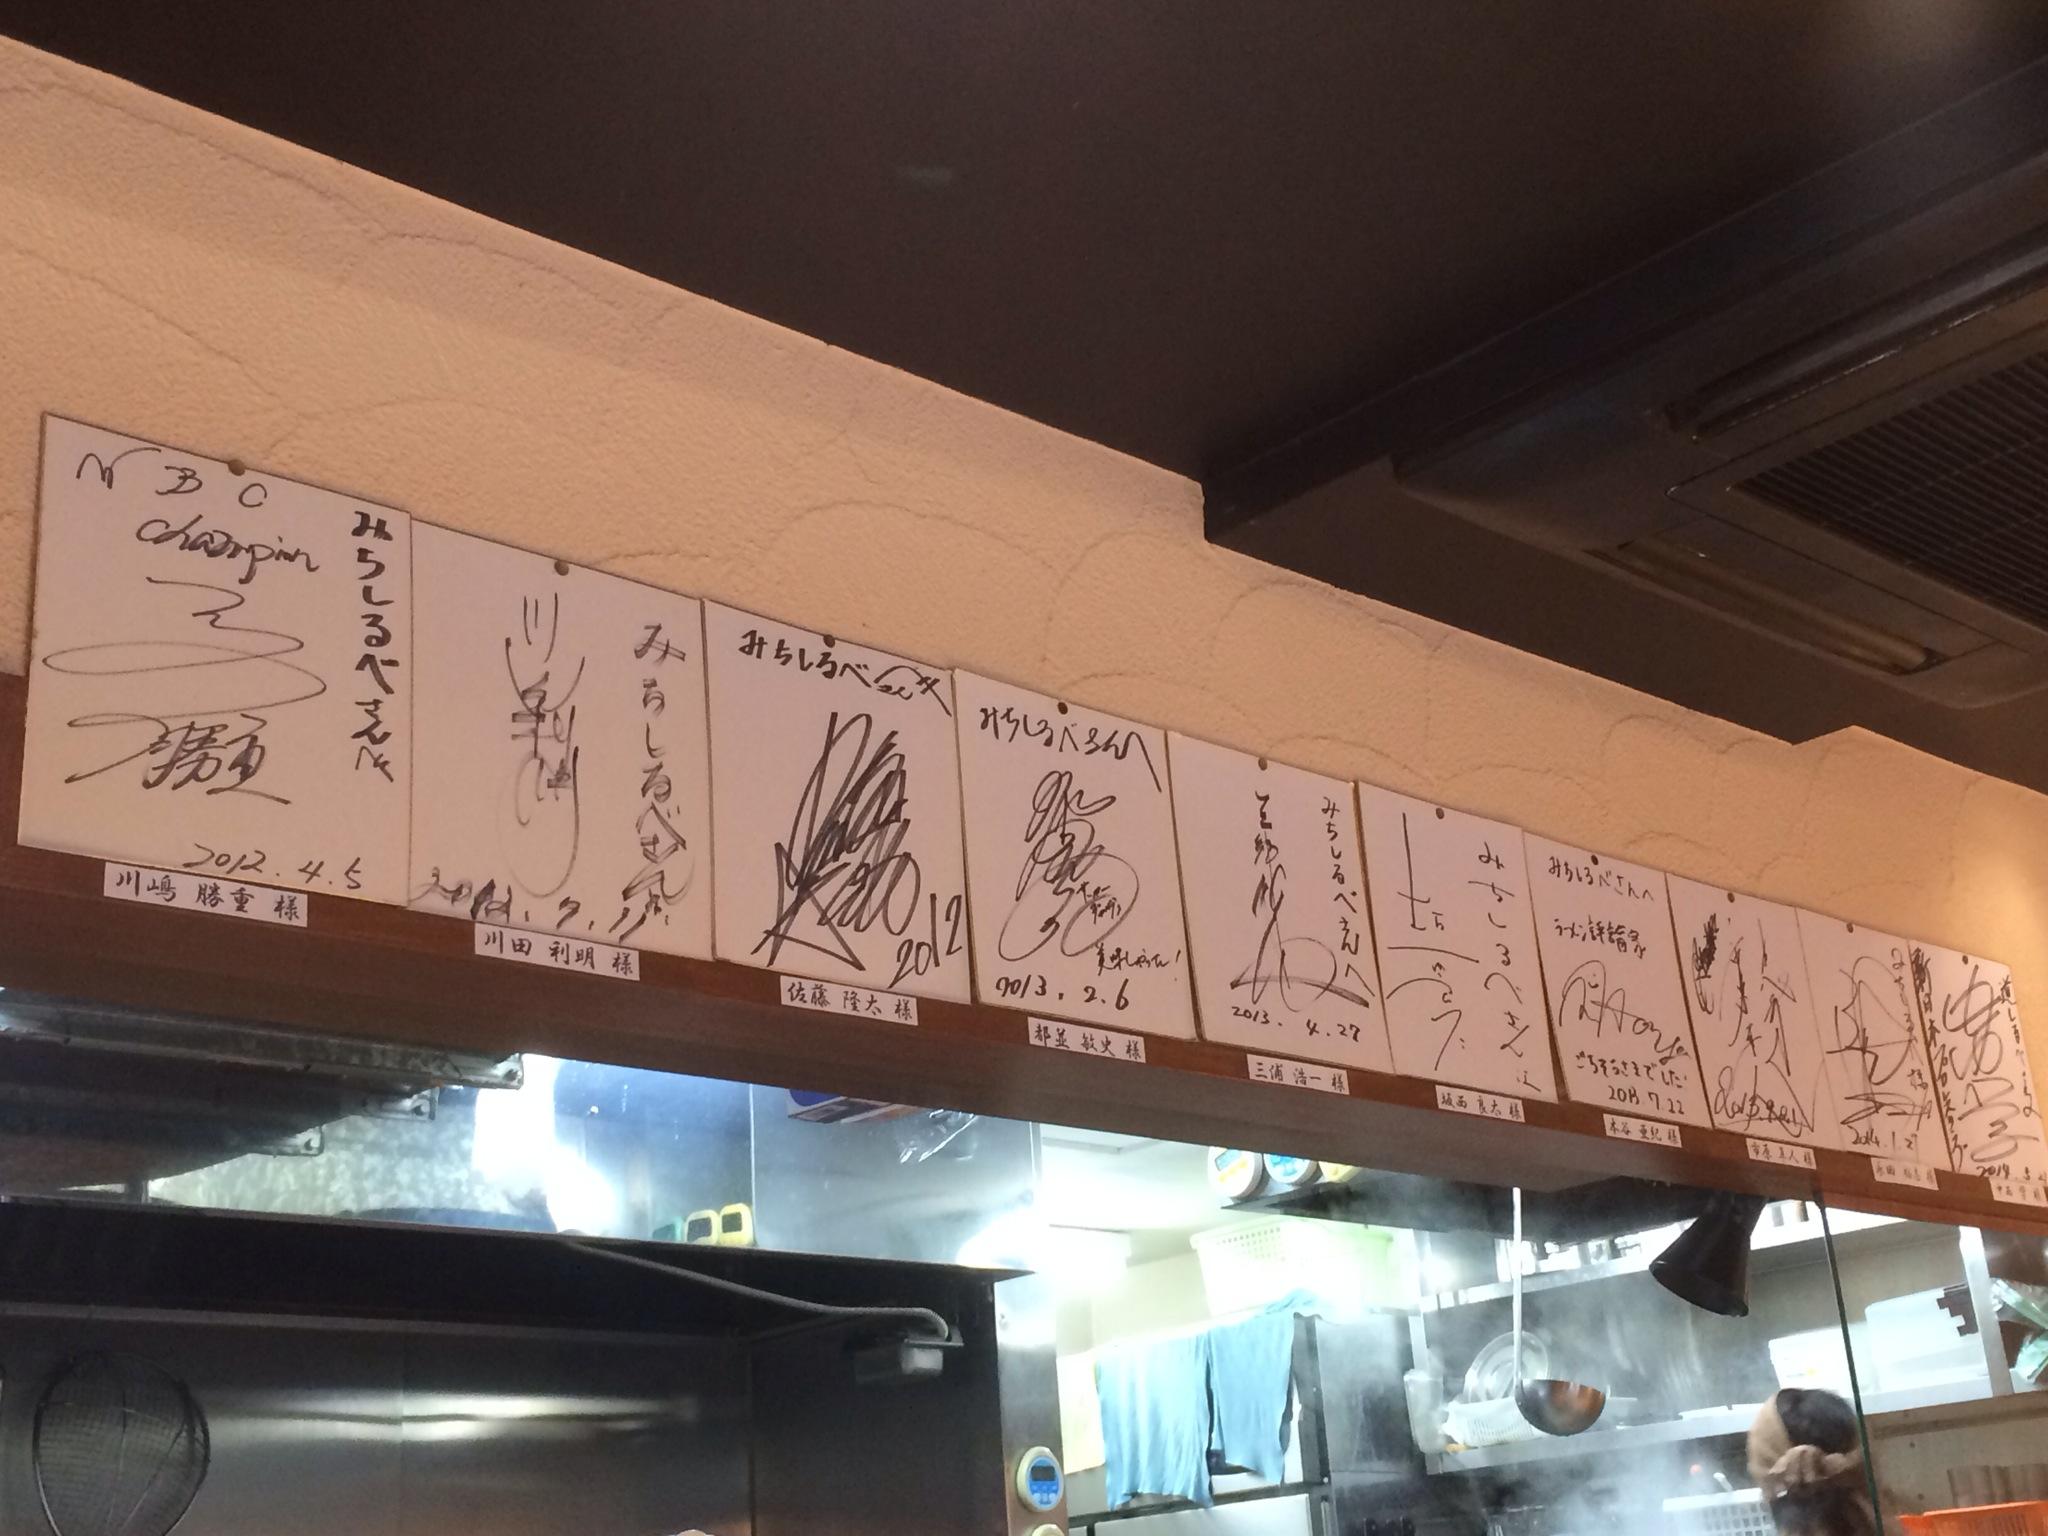 高津区出身の俳優、市原隼人さんのサインもありました!